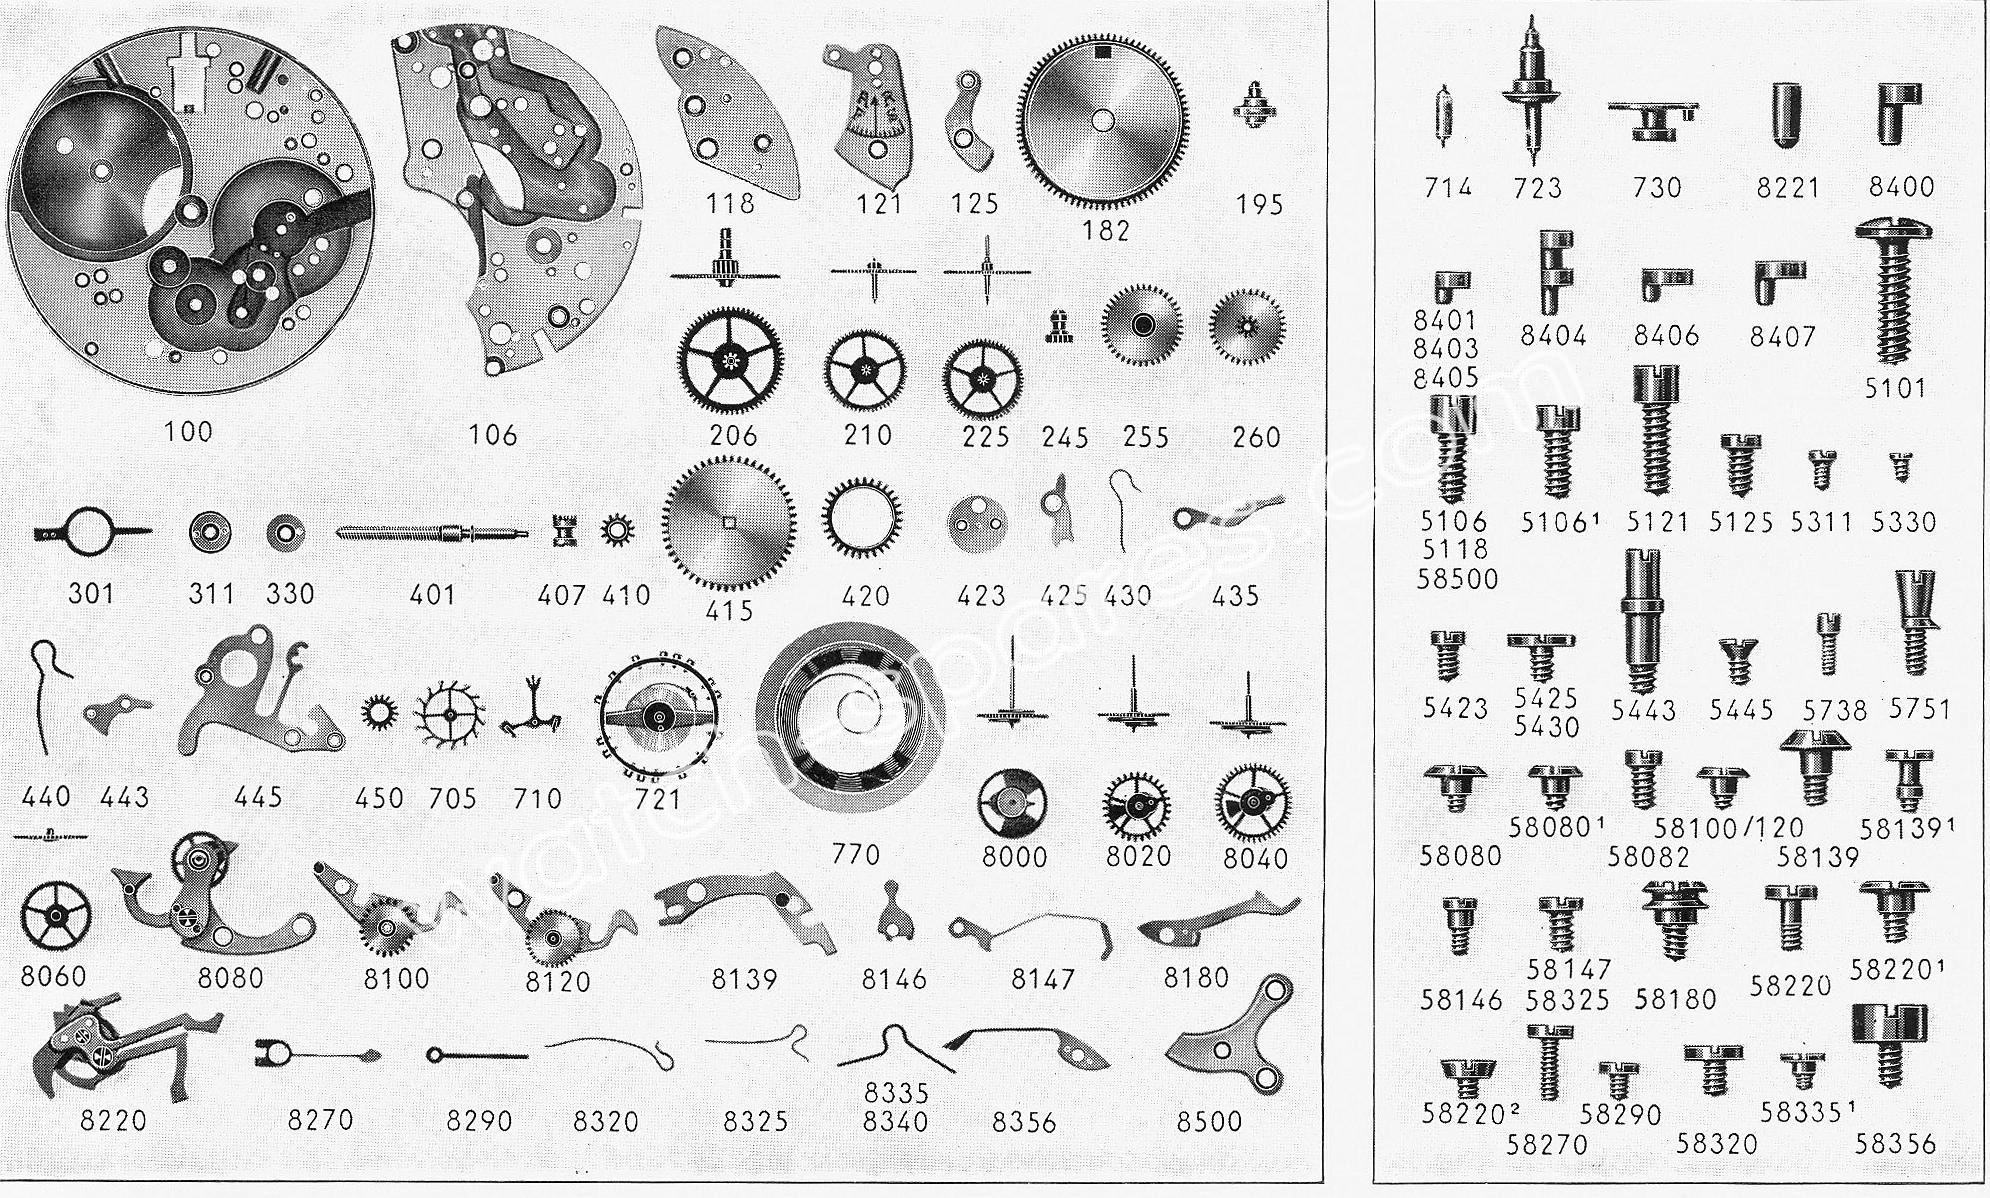 Landeron 148 watch chronograph spare parts